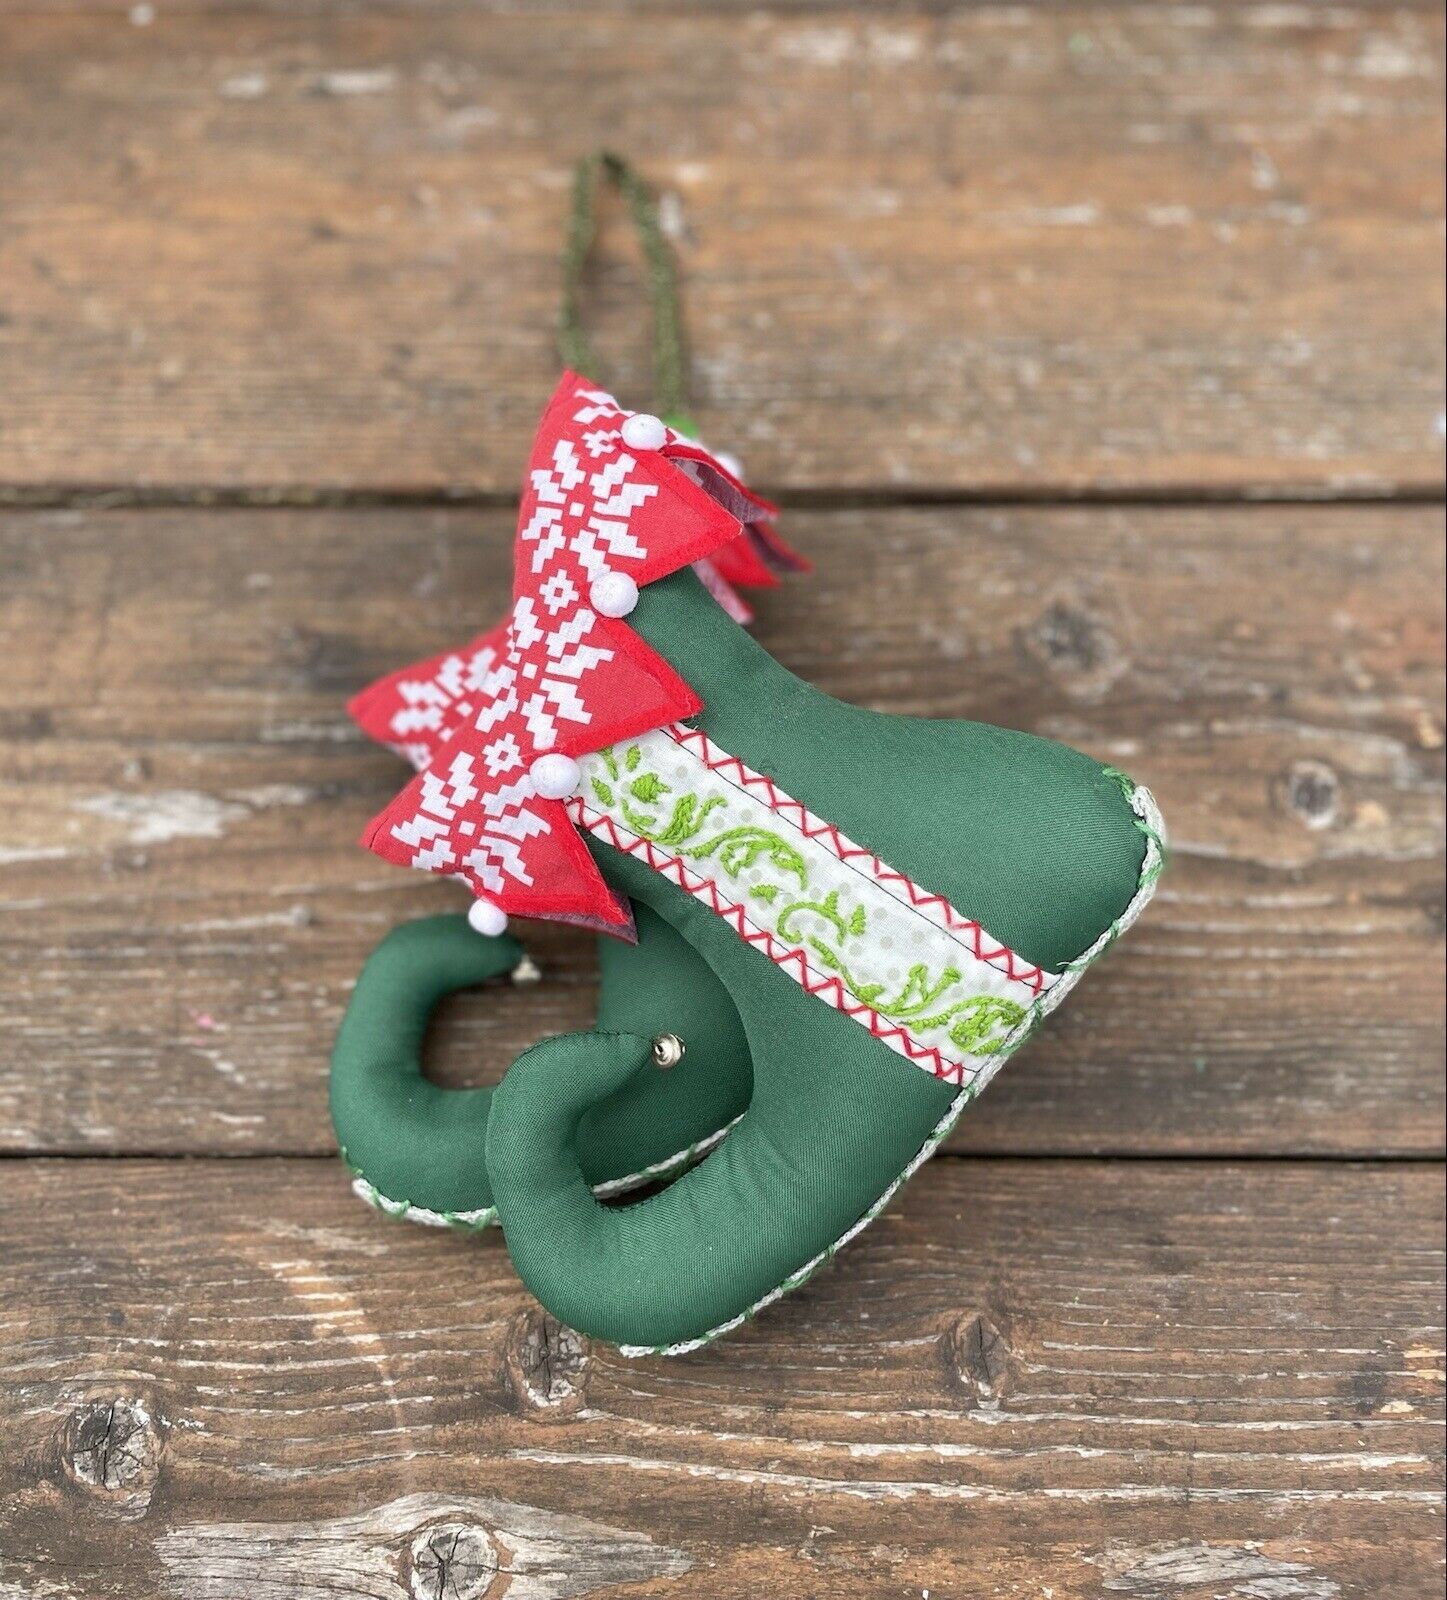 ! nuevo! LG hecho a mano Elfo De Tela Botas, colgar o soporte, Navidad, Decoración De Invierno,